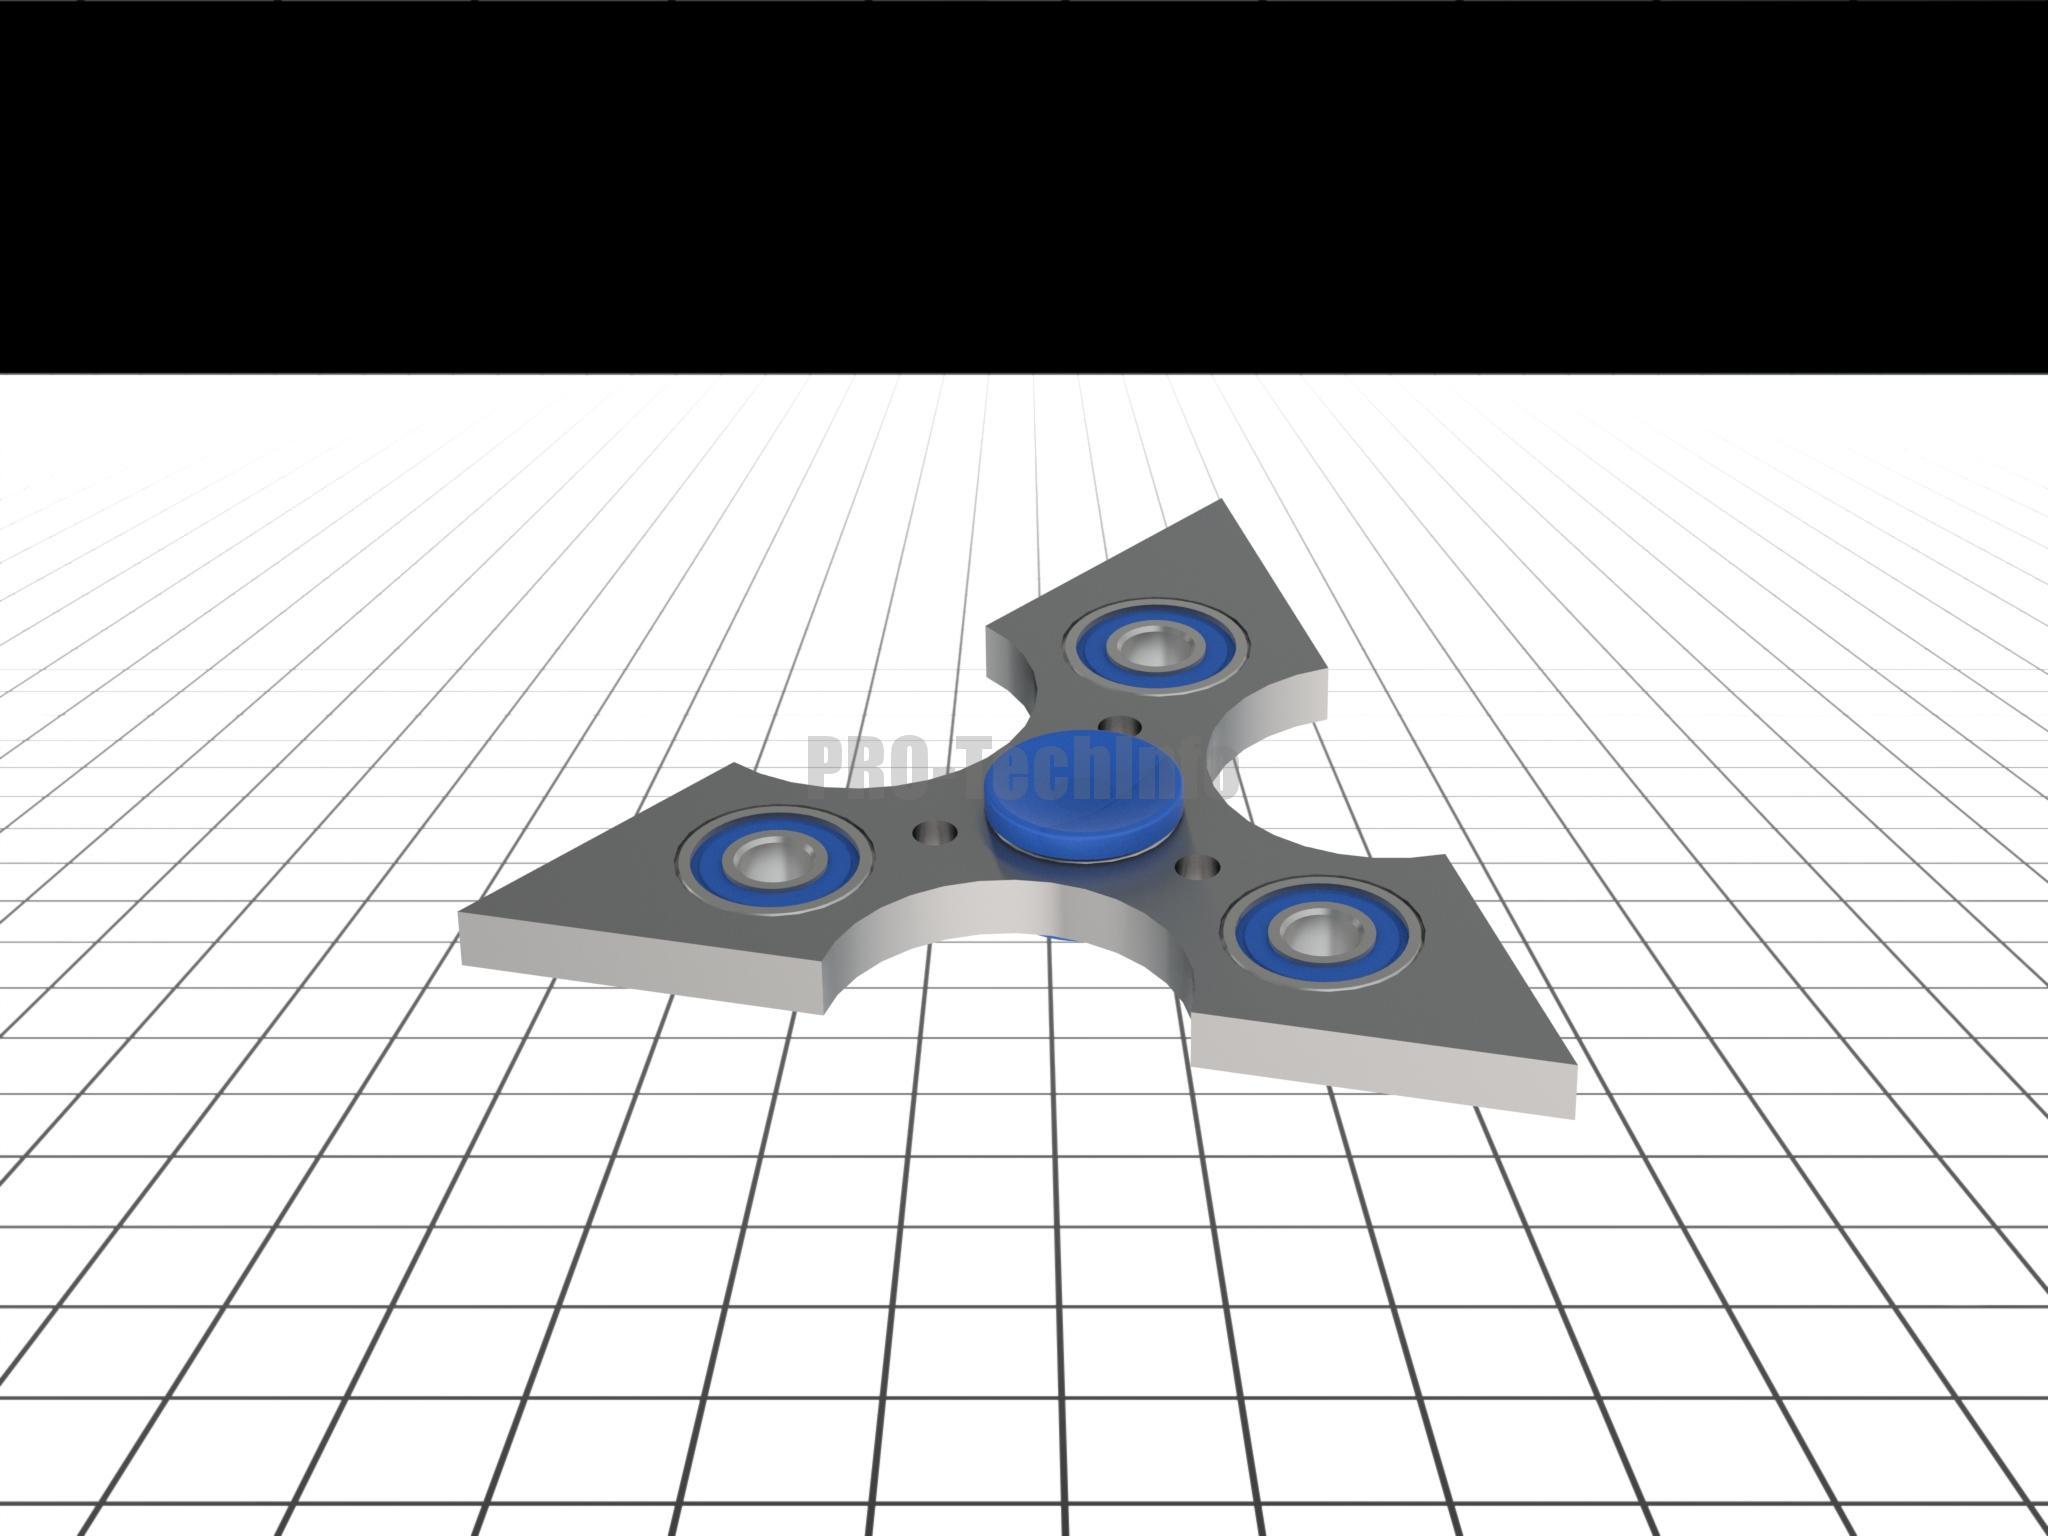 Спиннер модель для 3д принтера в SolidWorks